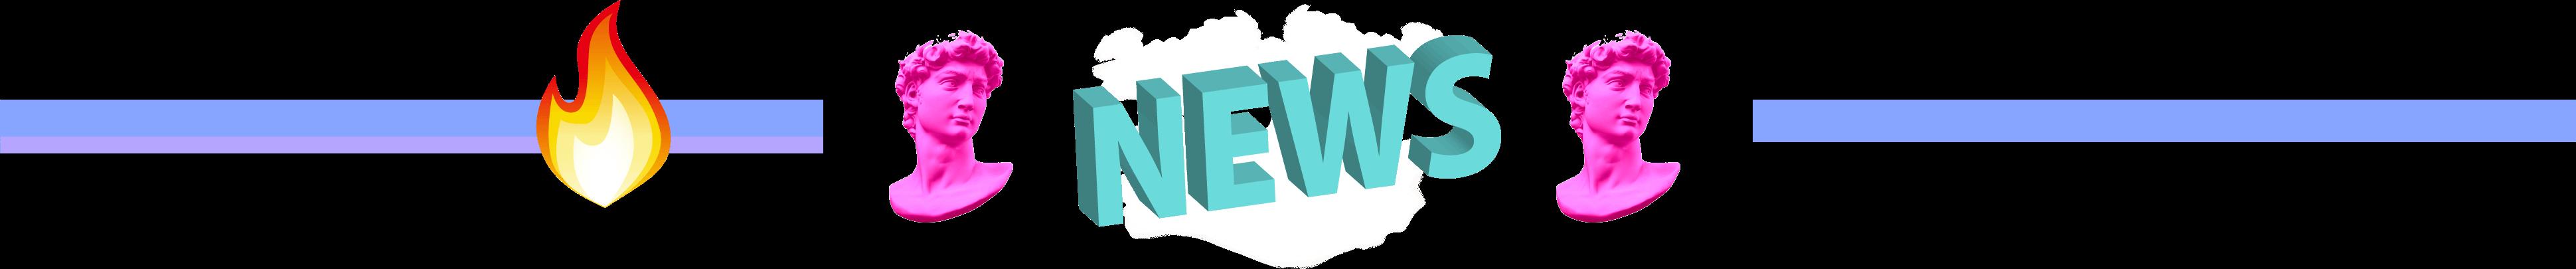 news_class